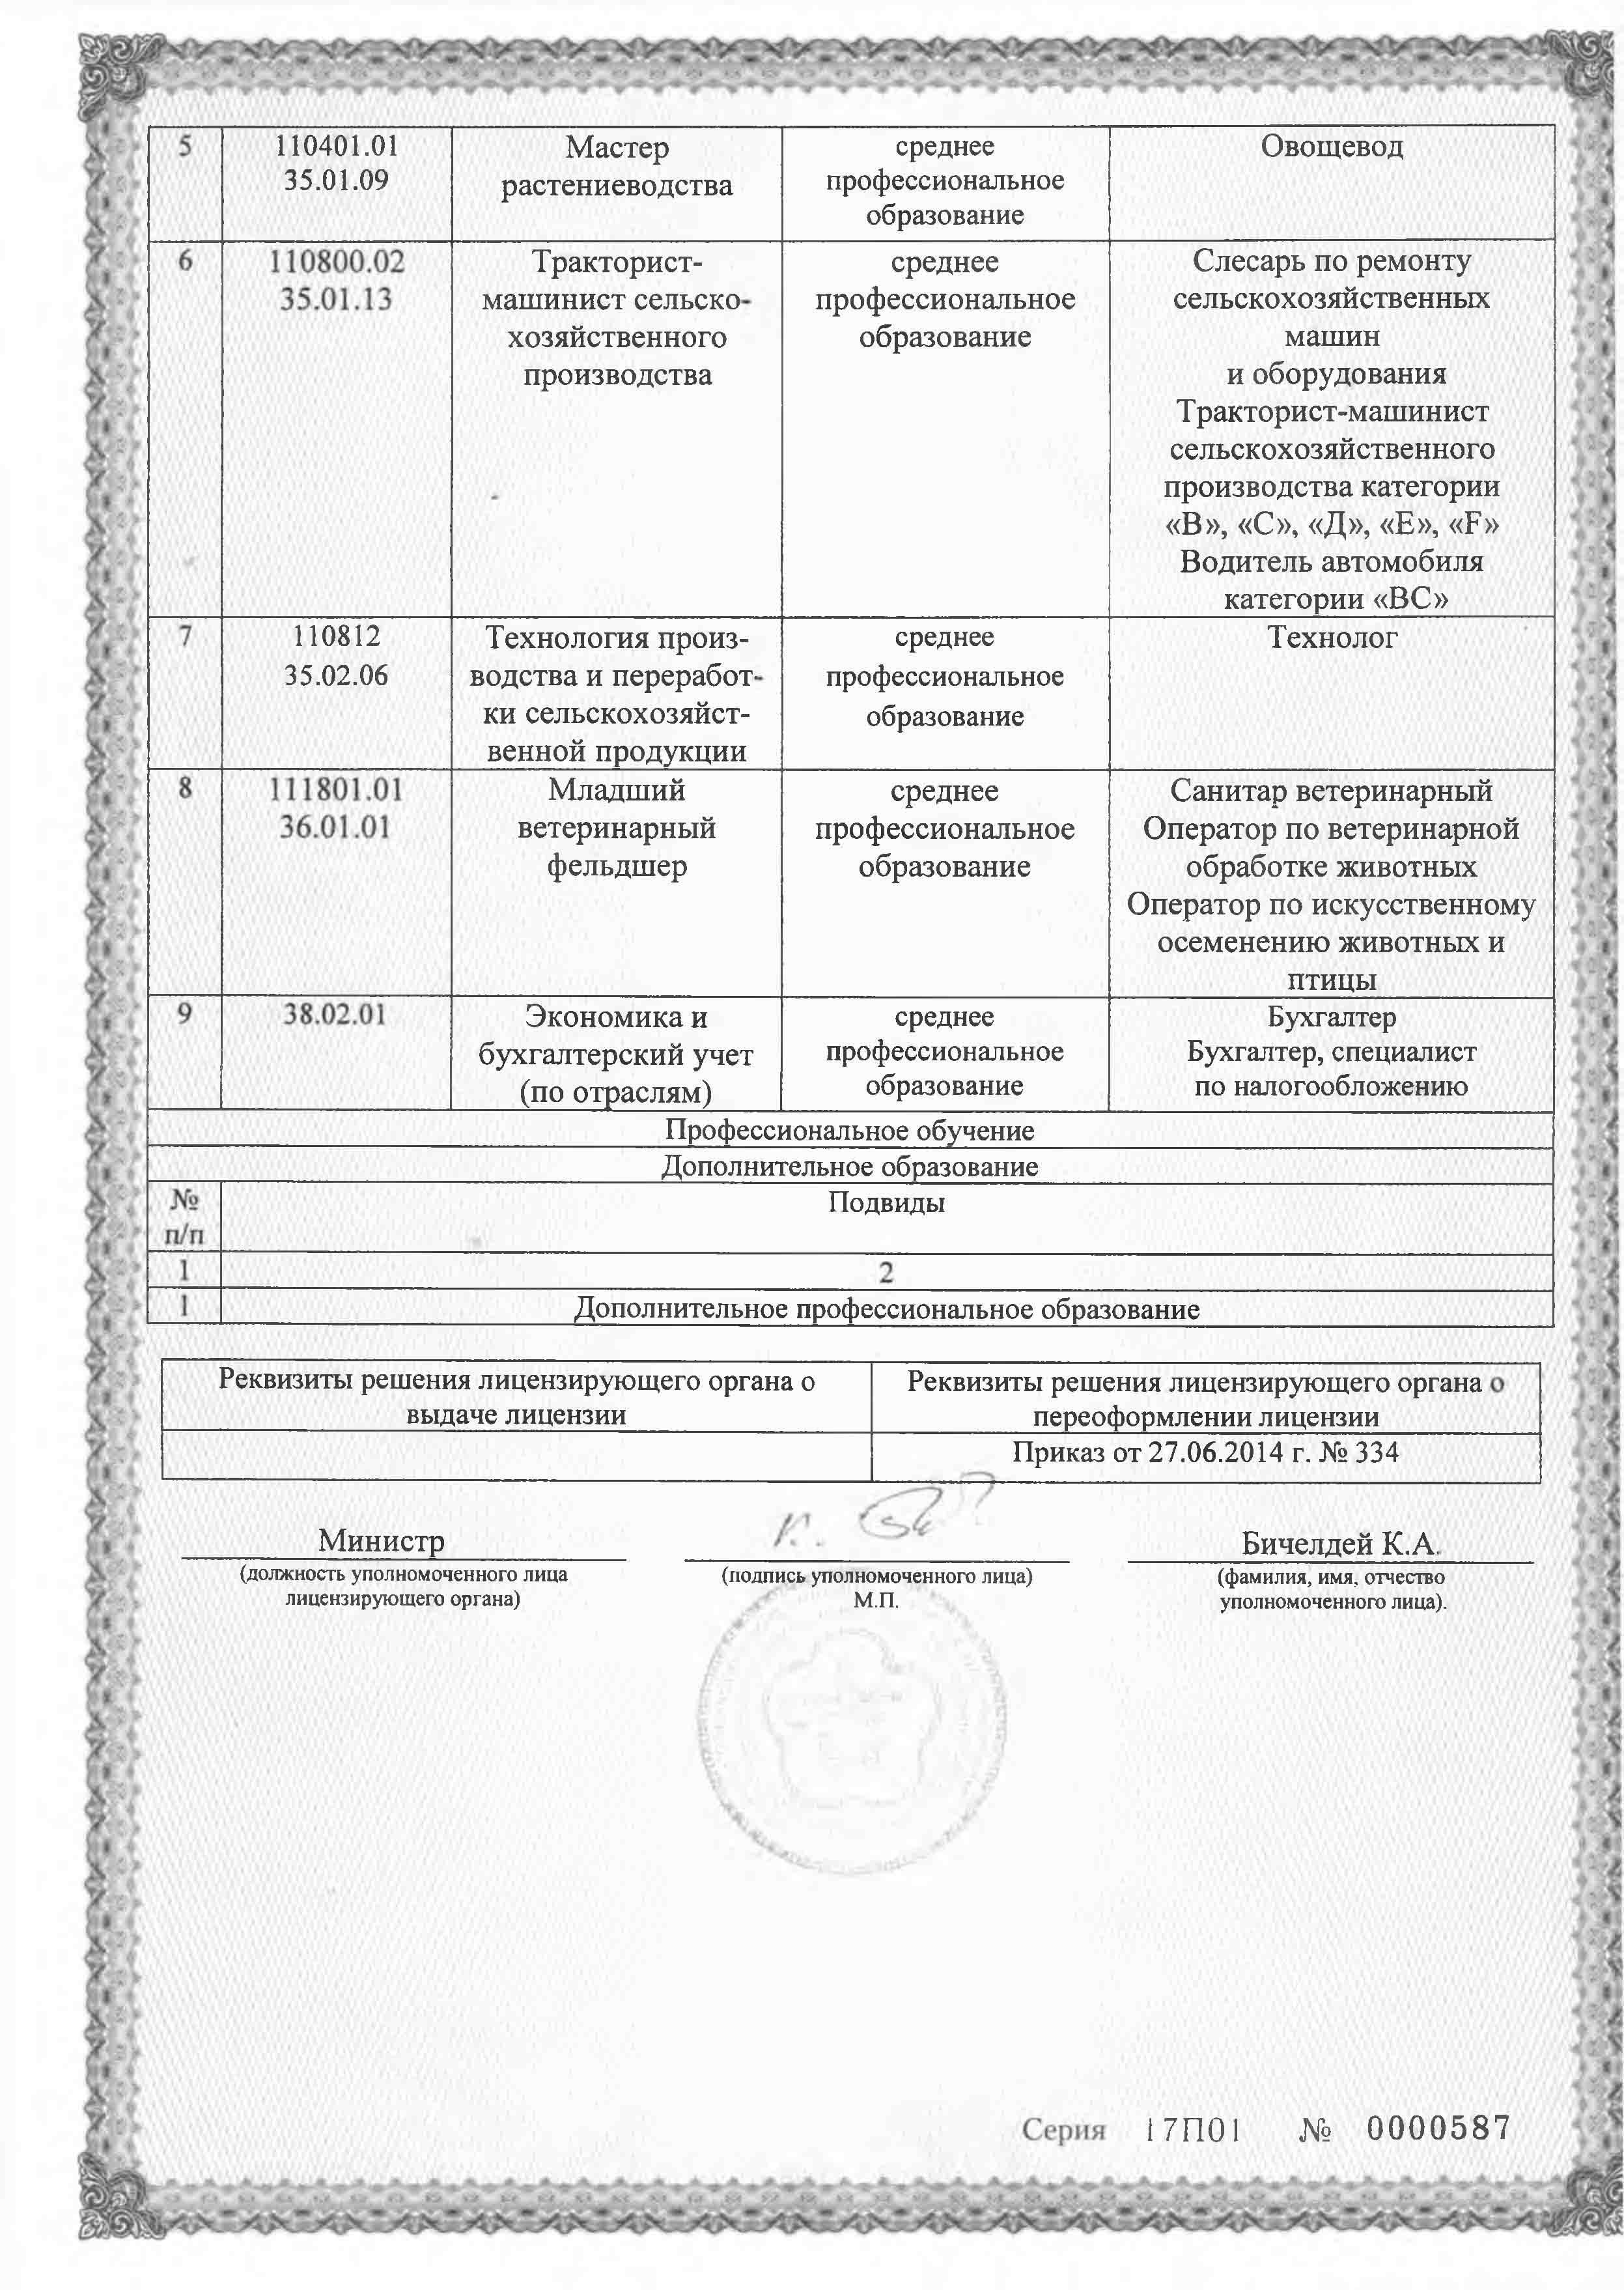 Лицензия 20144